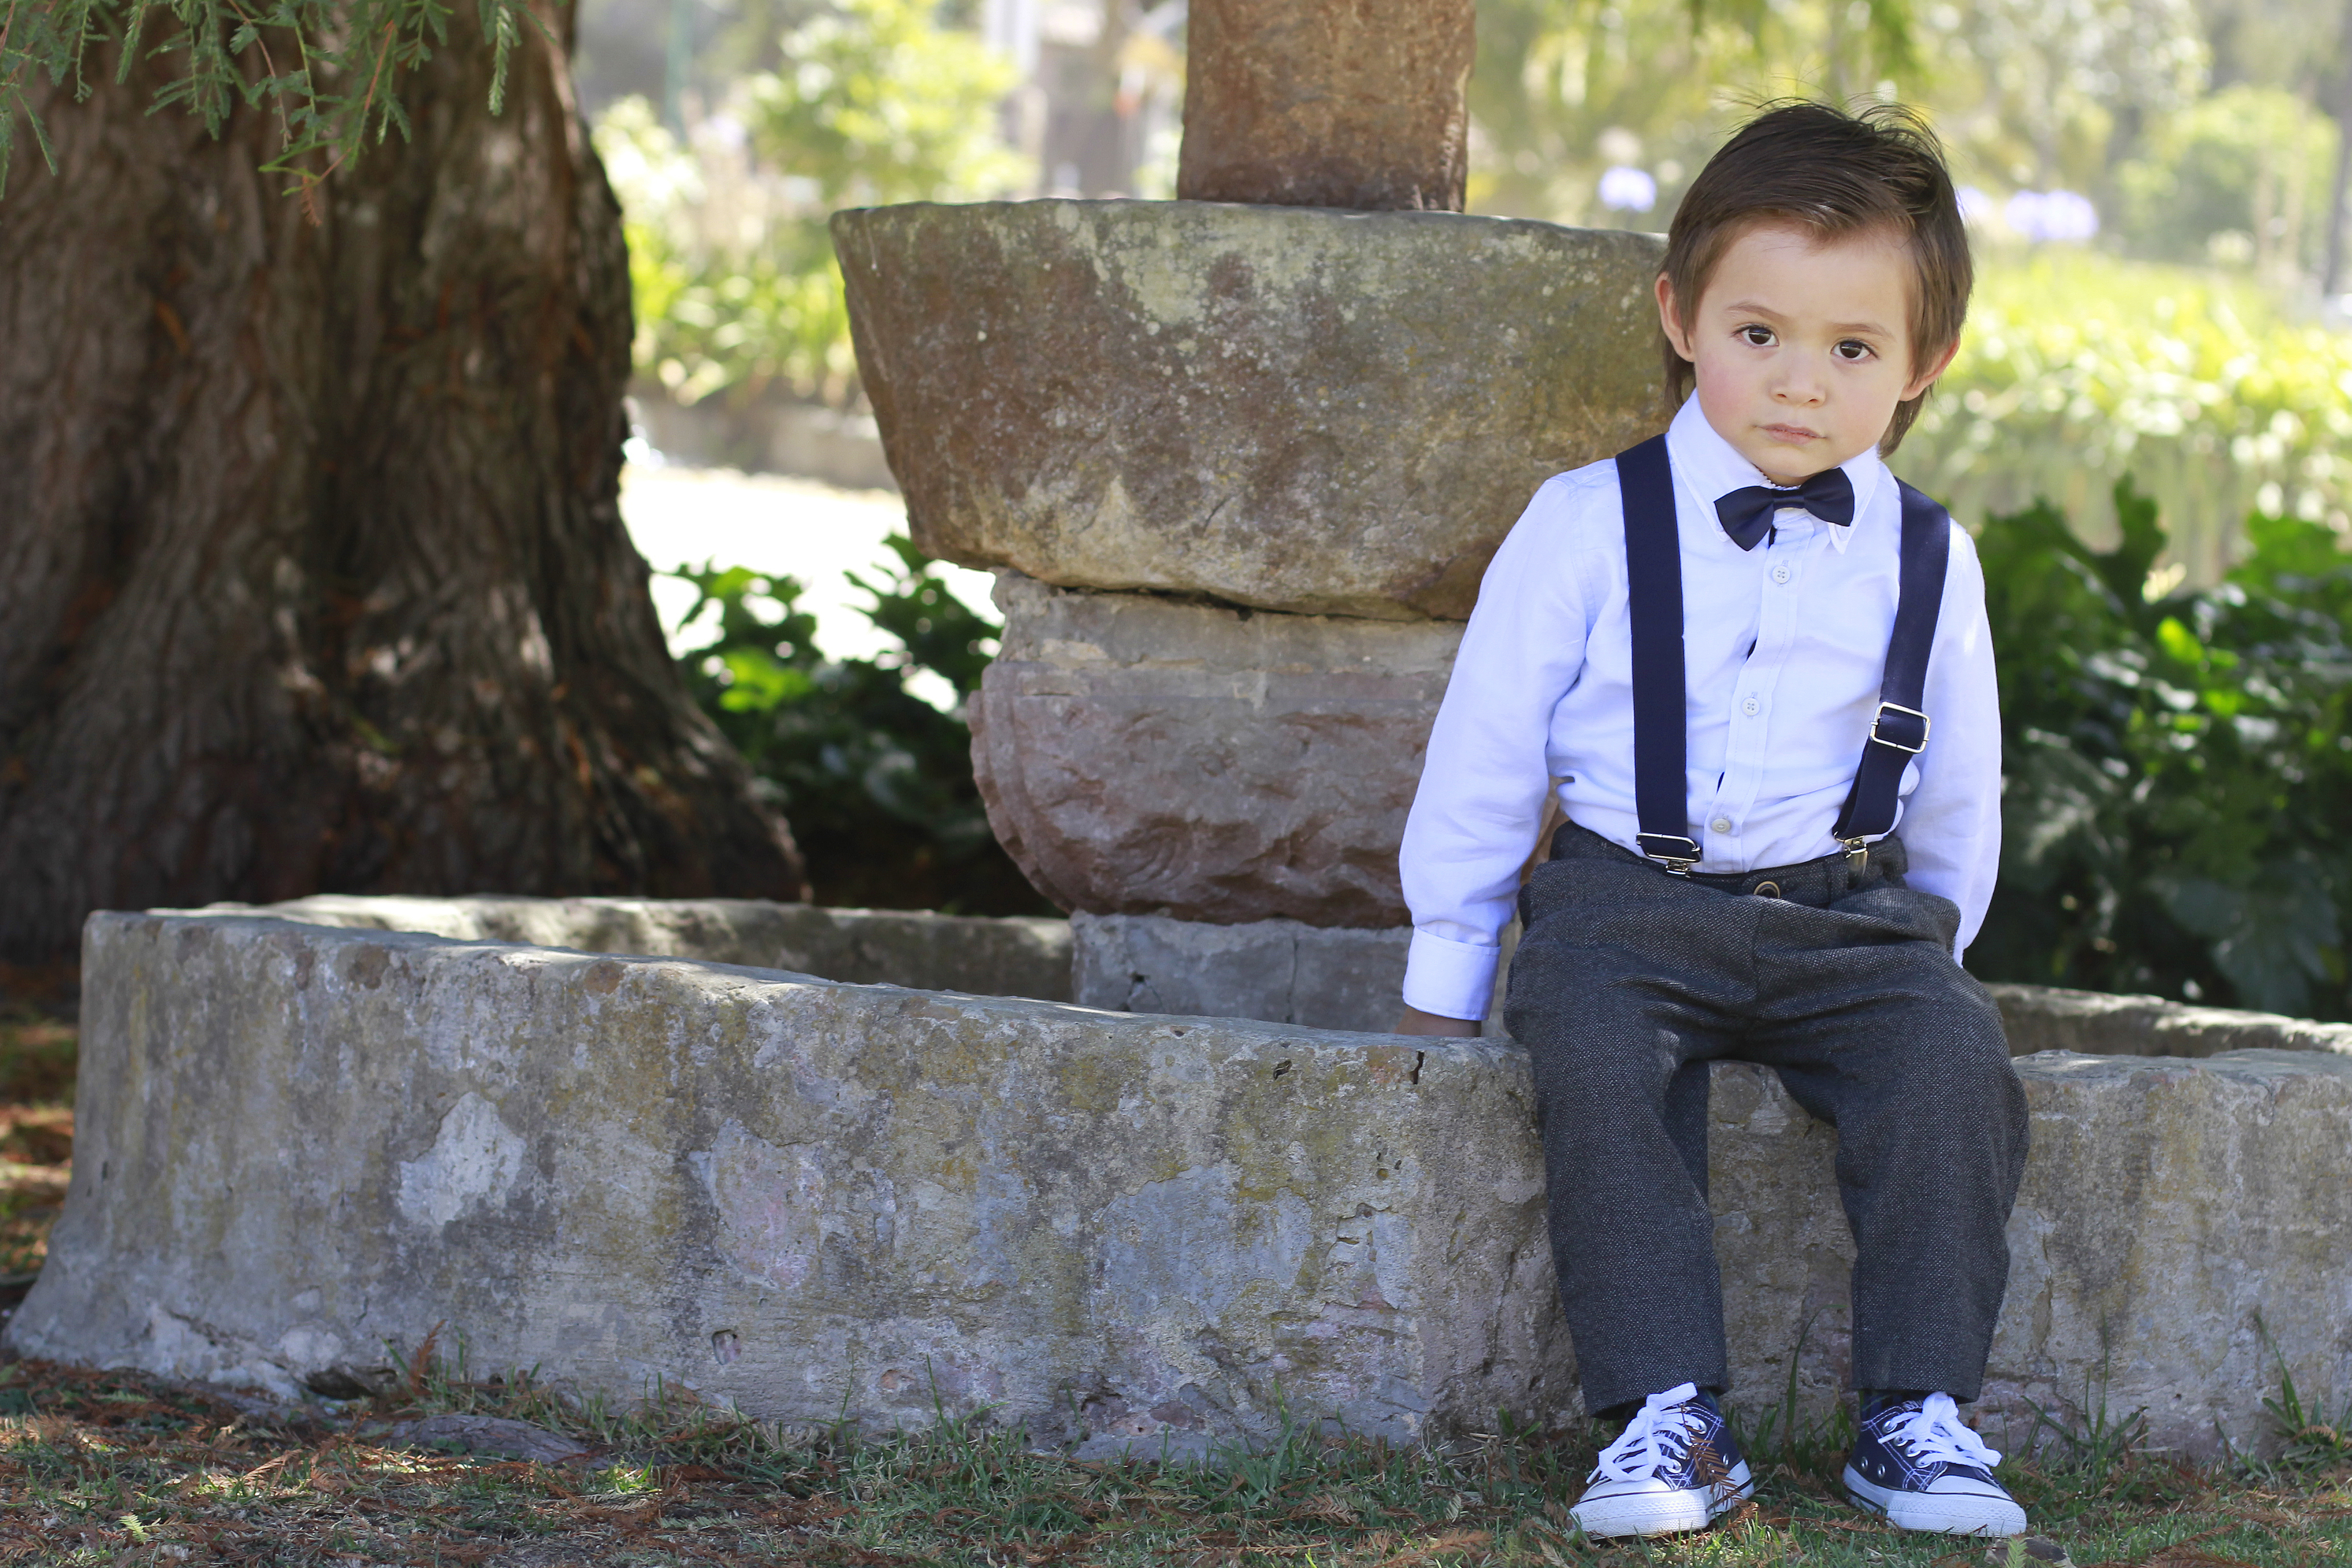 #Bautizo #Bautismo #Ceremonia #kids